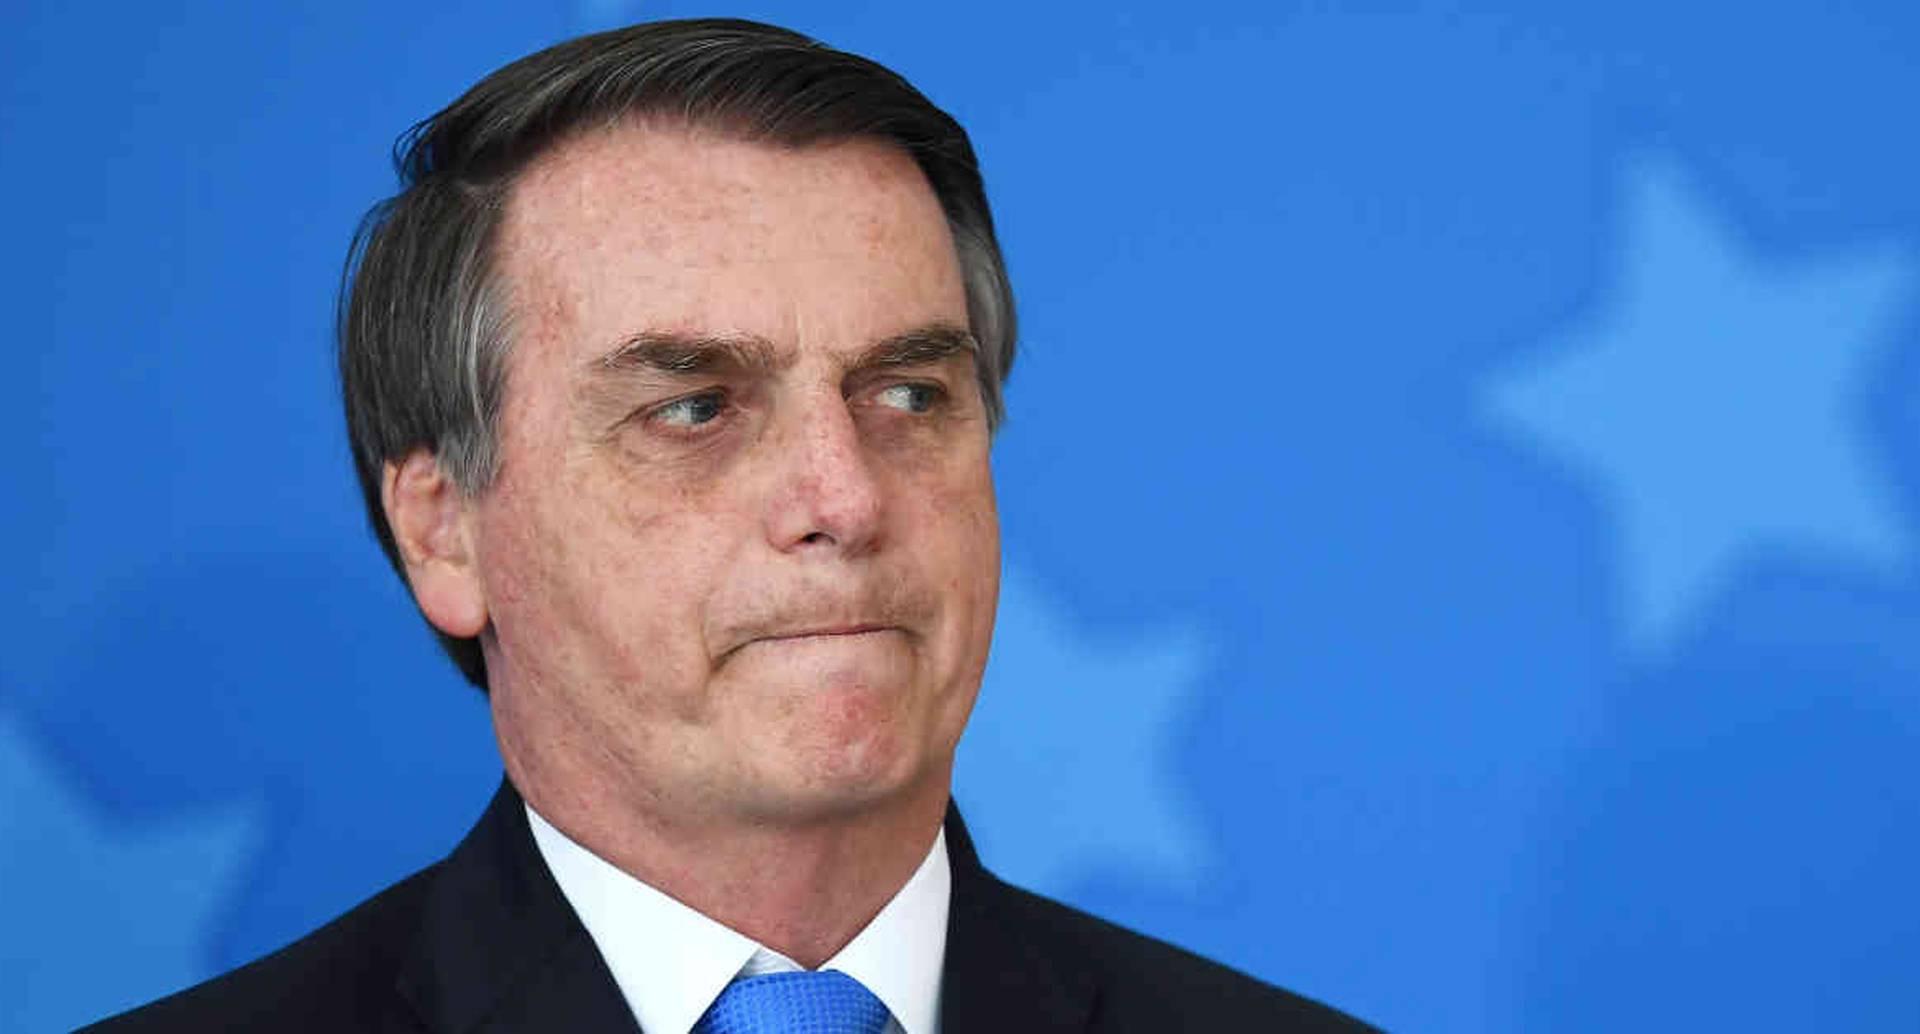 El ultraderechista Jair Bolsonaro es reconocido por sus constantes insultos y amenazas a sus opositores.